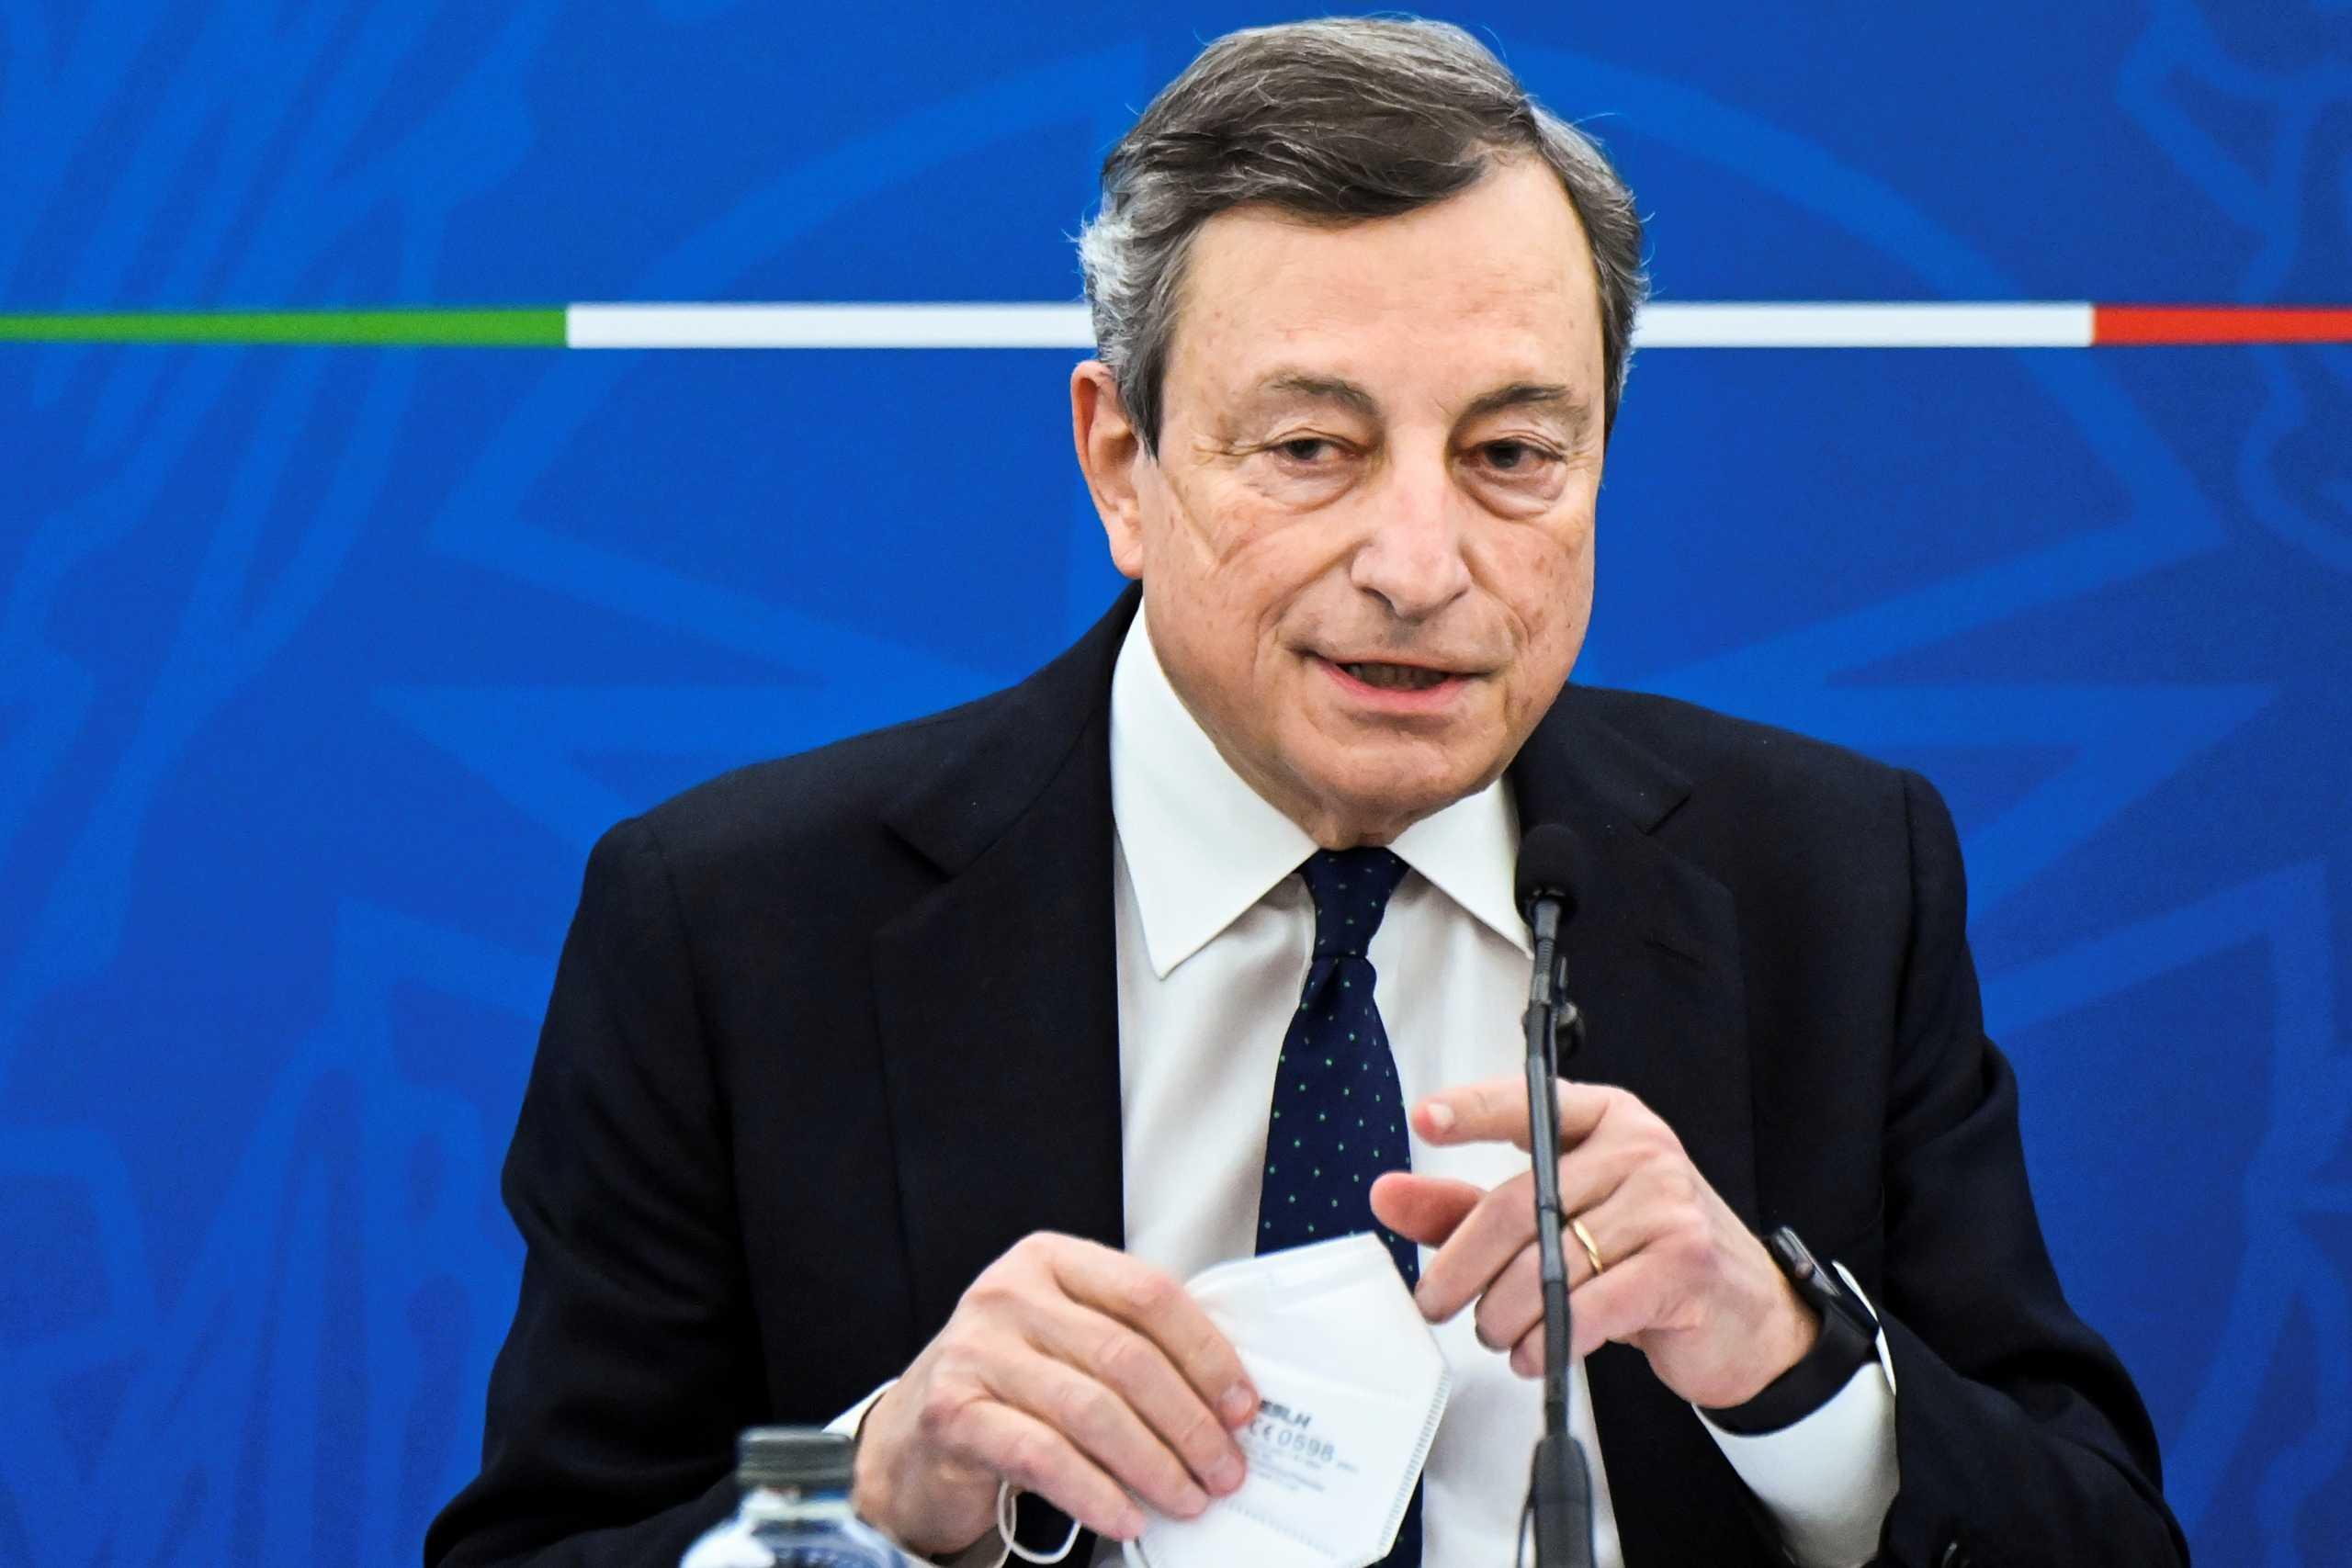 Η Ιταλία στοχεύει στην κορυφή της Ευρώπης – Ποιος ο στόχος του Μάριο Ντράγκι